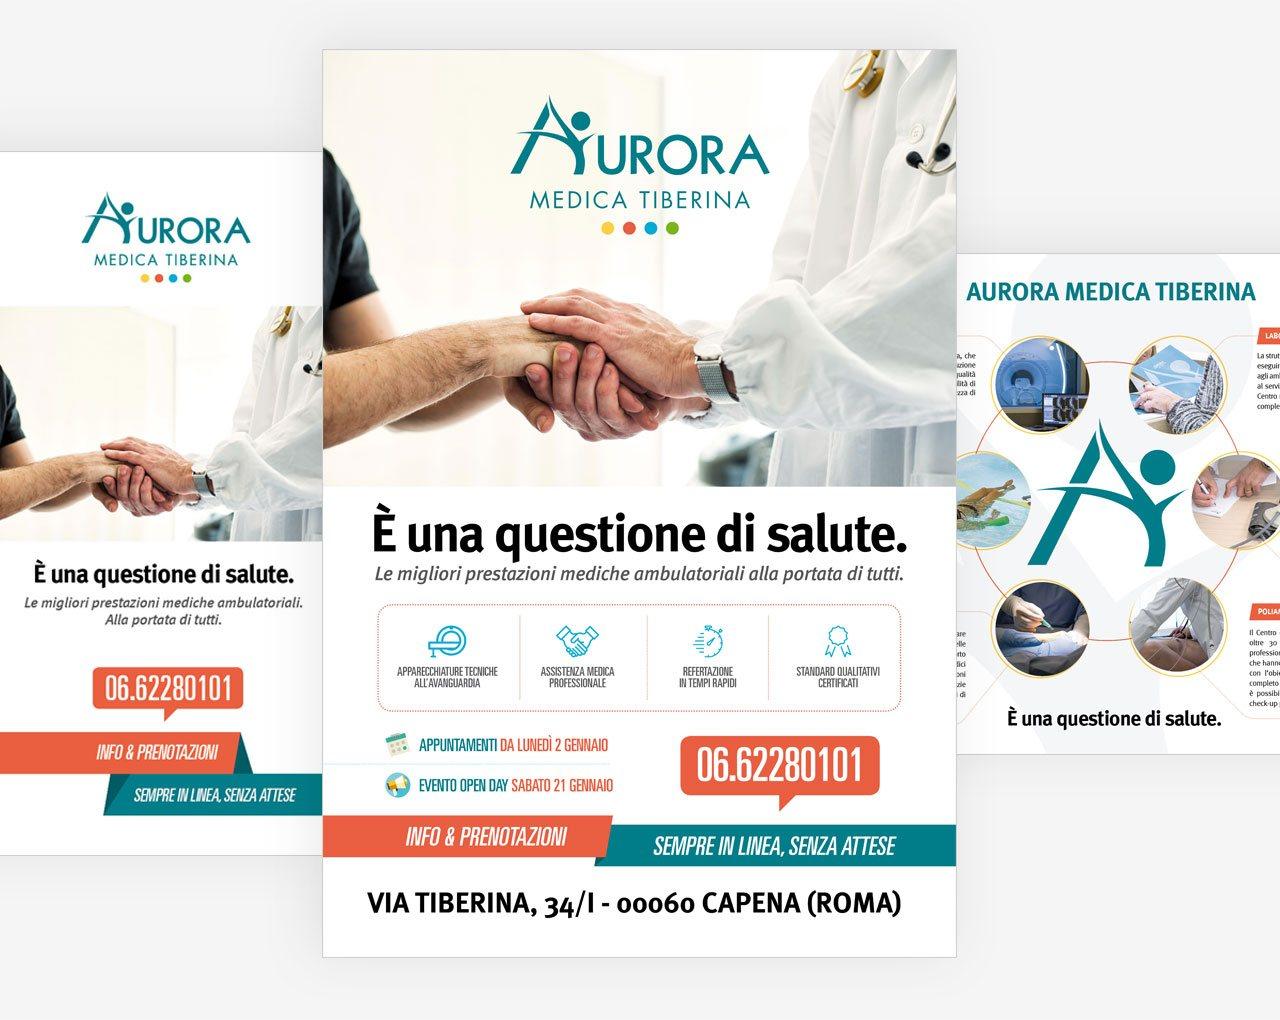 Aurora Medica Tiberina